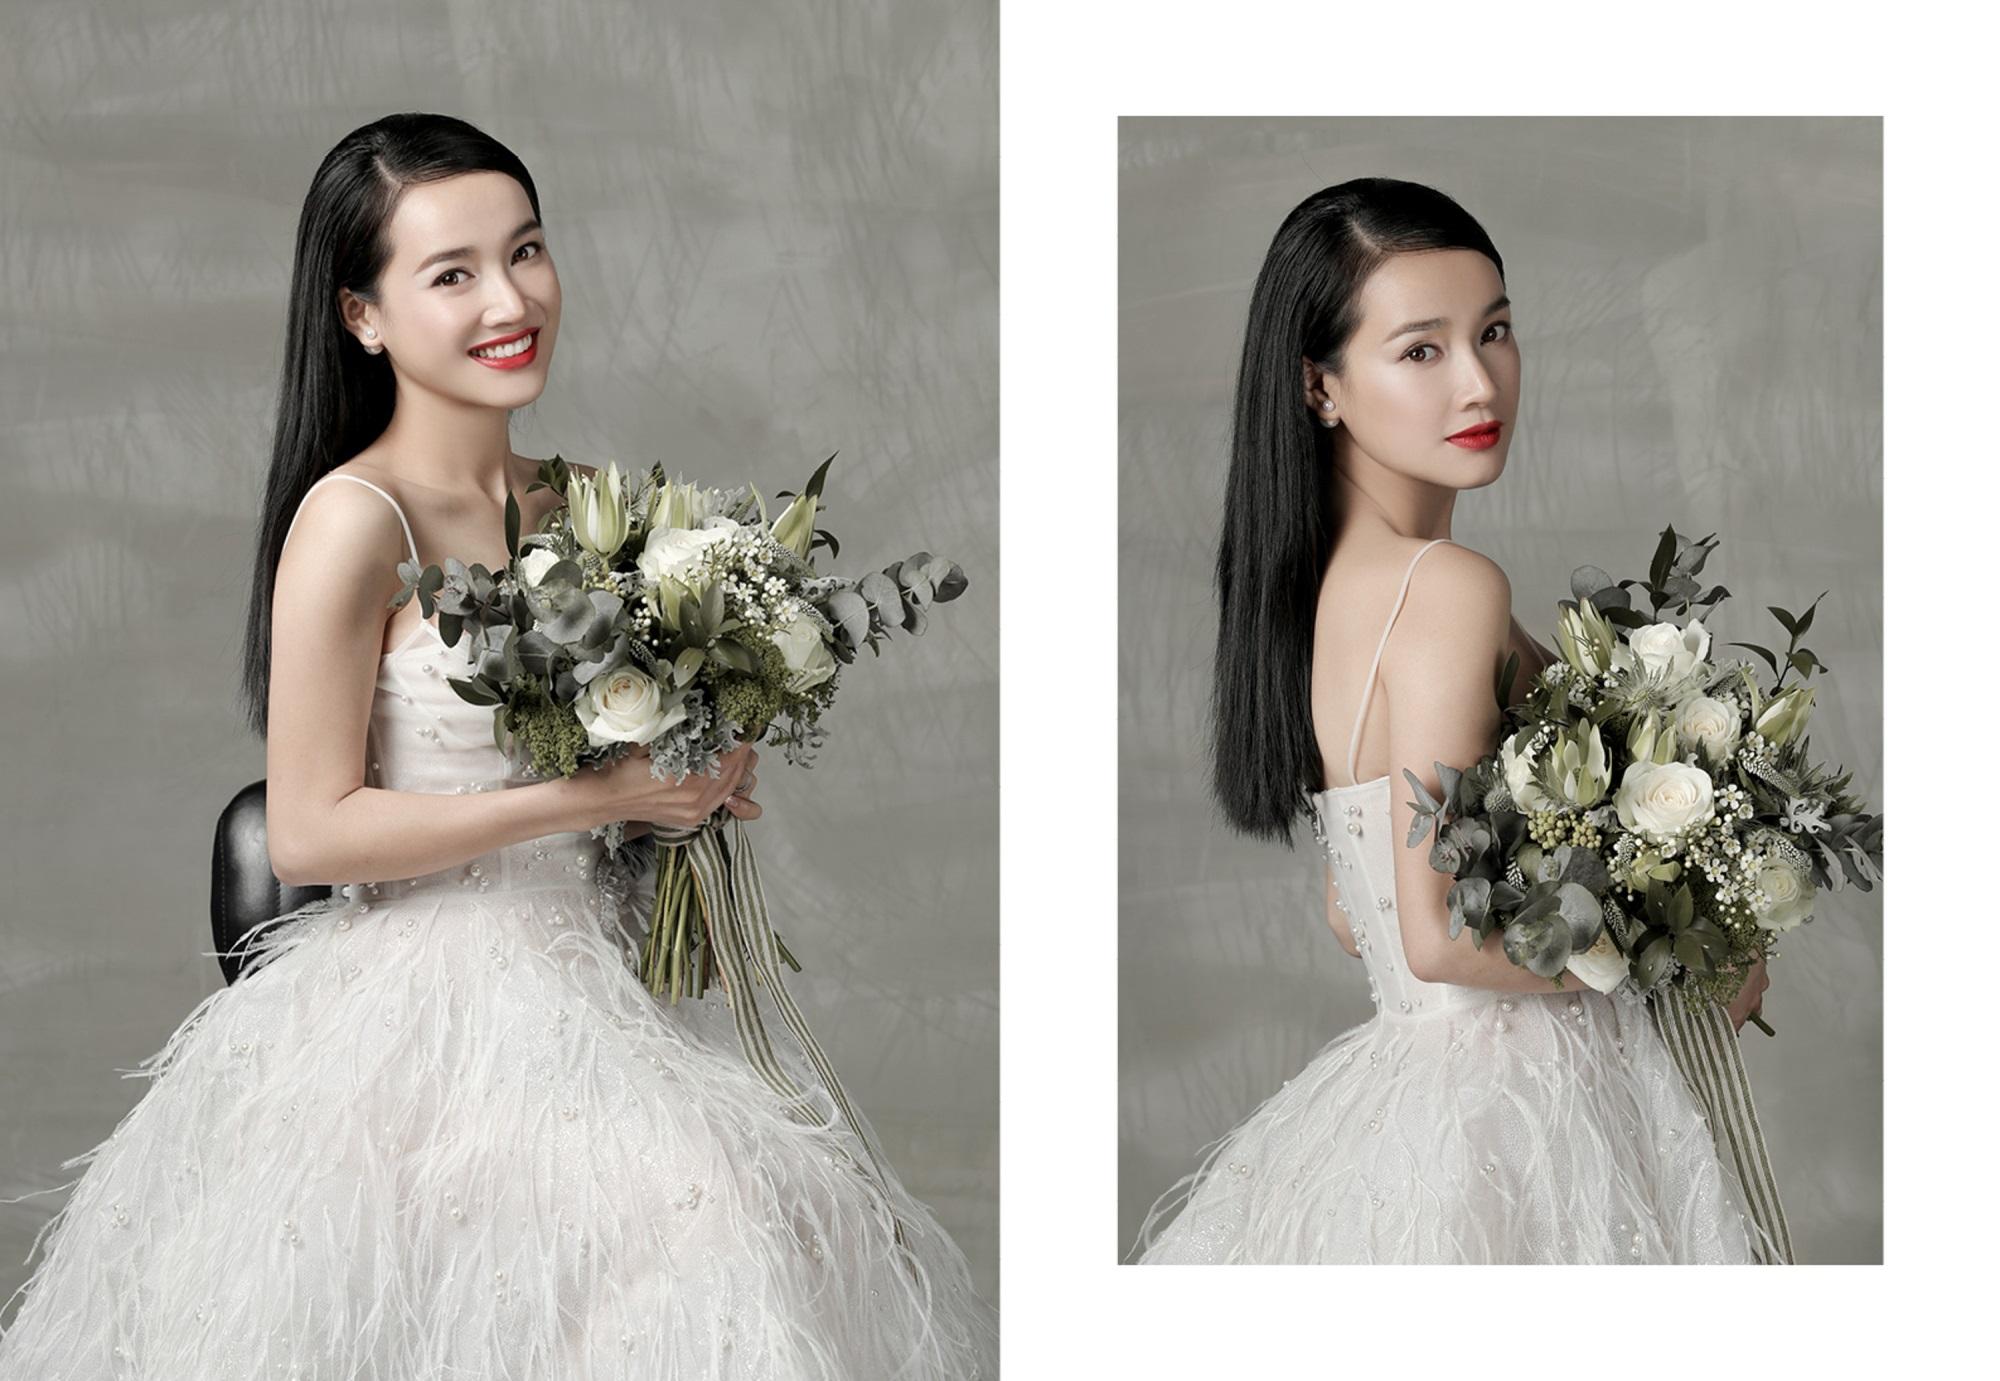 'Rụng tim' khi ngắm trọn bộ ảnh cưới đẹp như tranh vẽ của Trường Giang - Nhã Phương - Ảnh 5